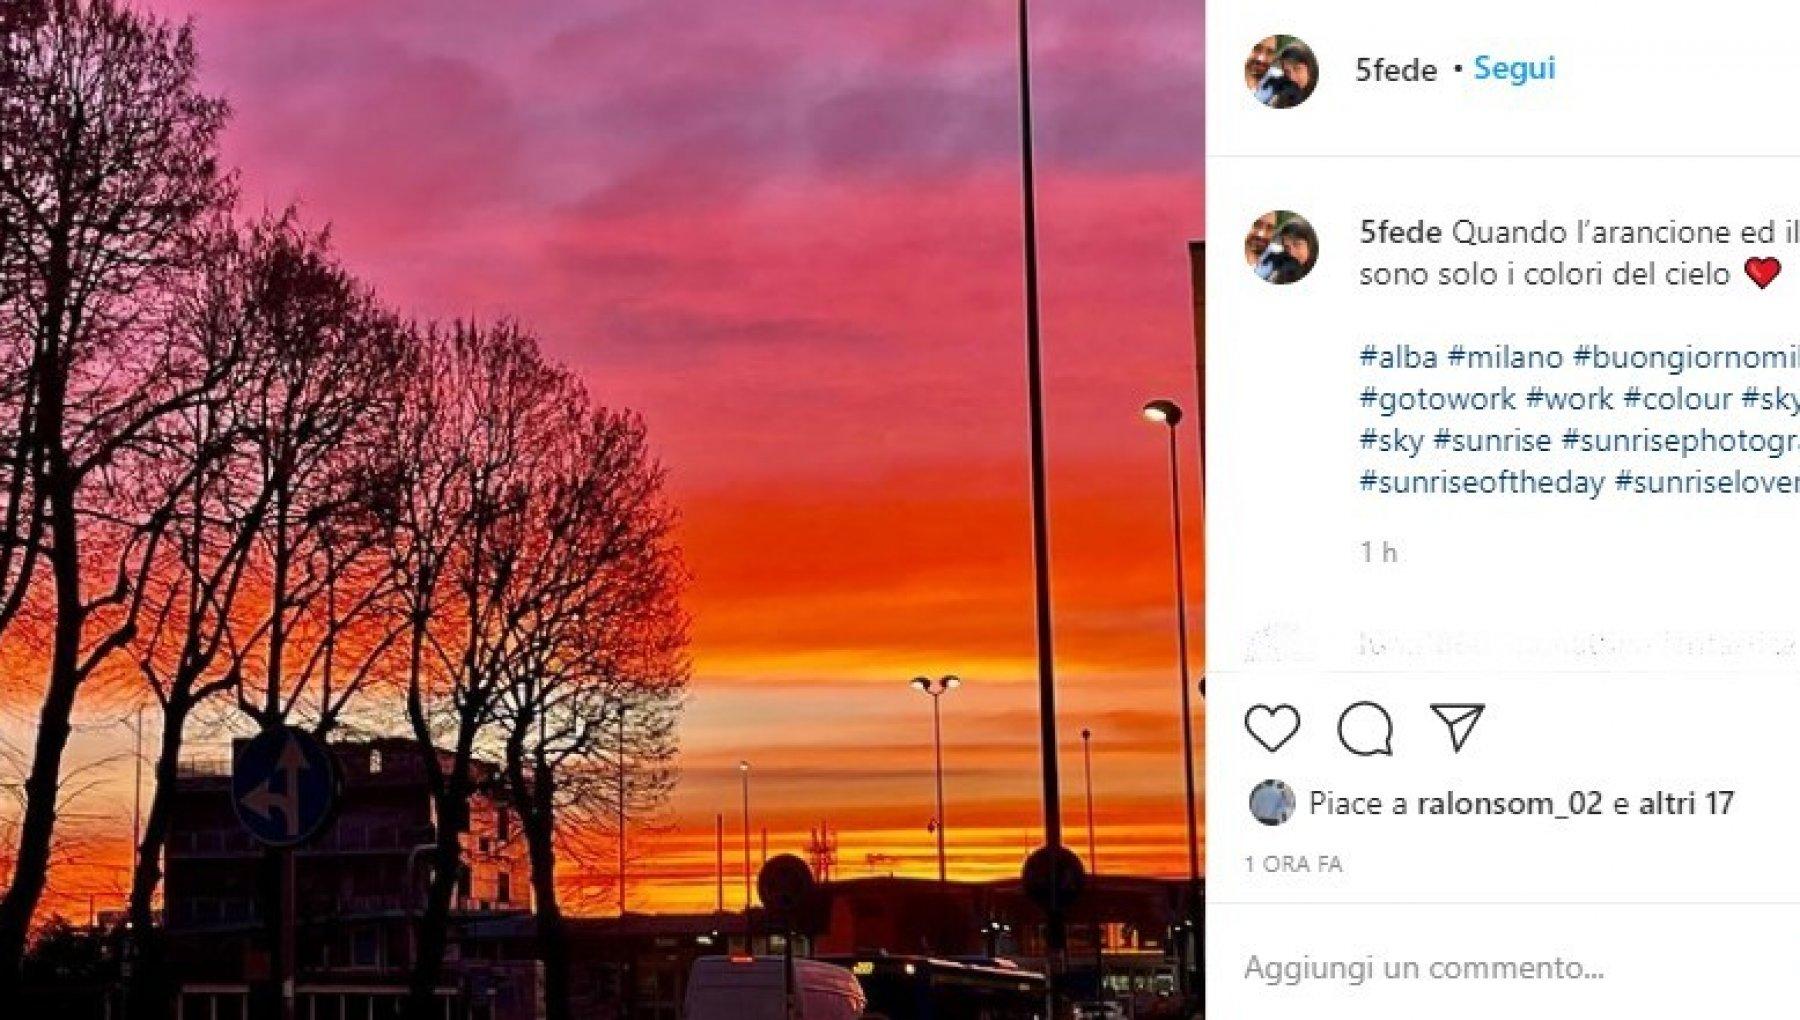 """milanesi-stregati-dall'alba:-""""oggi-arancione-e-rosso-sono-i-colori-del-cielo"""""""